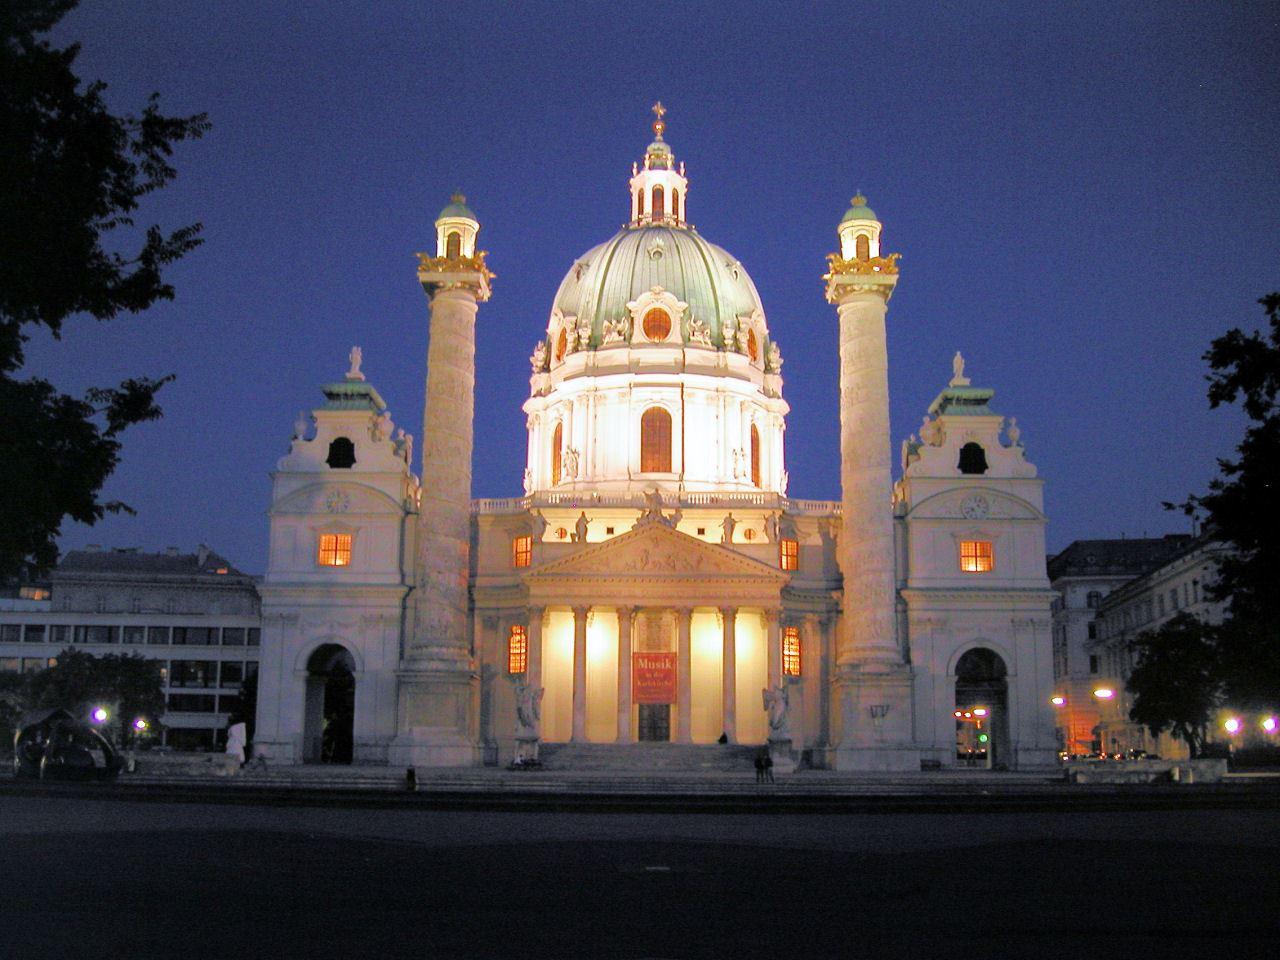 كنيسة القديس تشارلز مدينة فيينا karlskirche-a-w-karl